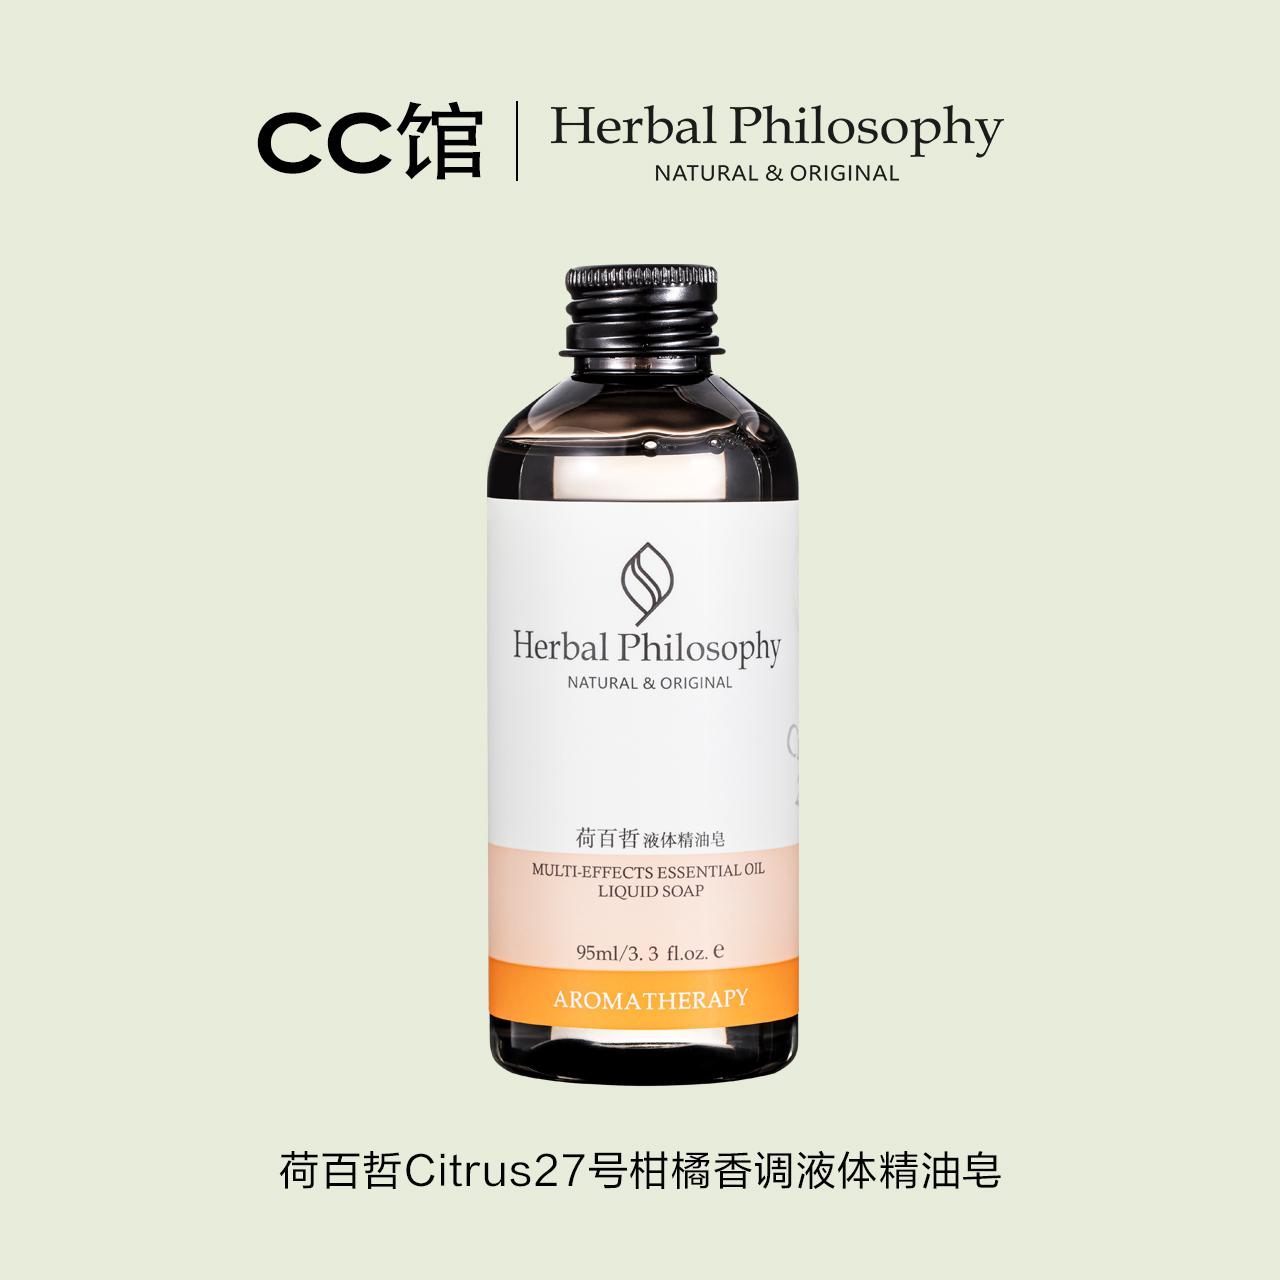 Herbal Philosophy (Citrus 27) liquid essential oil soap 95ml